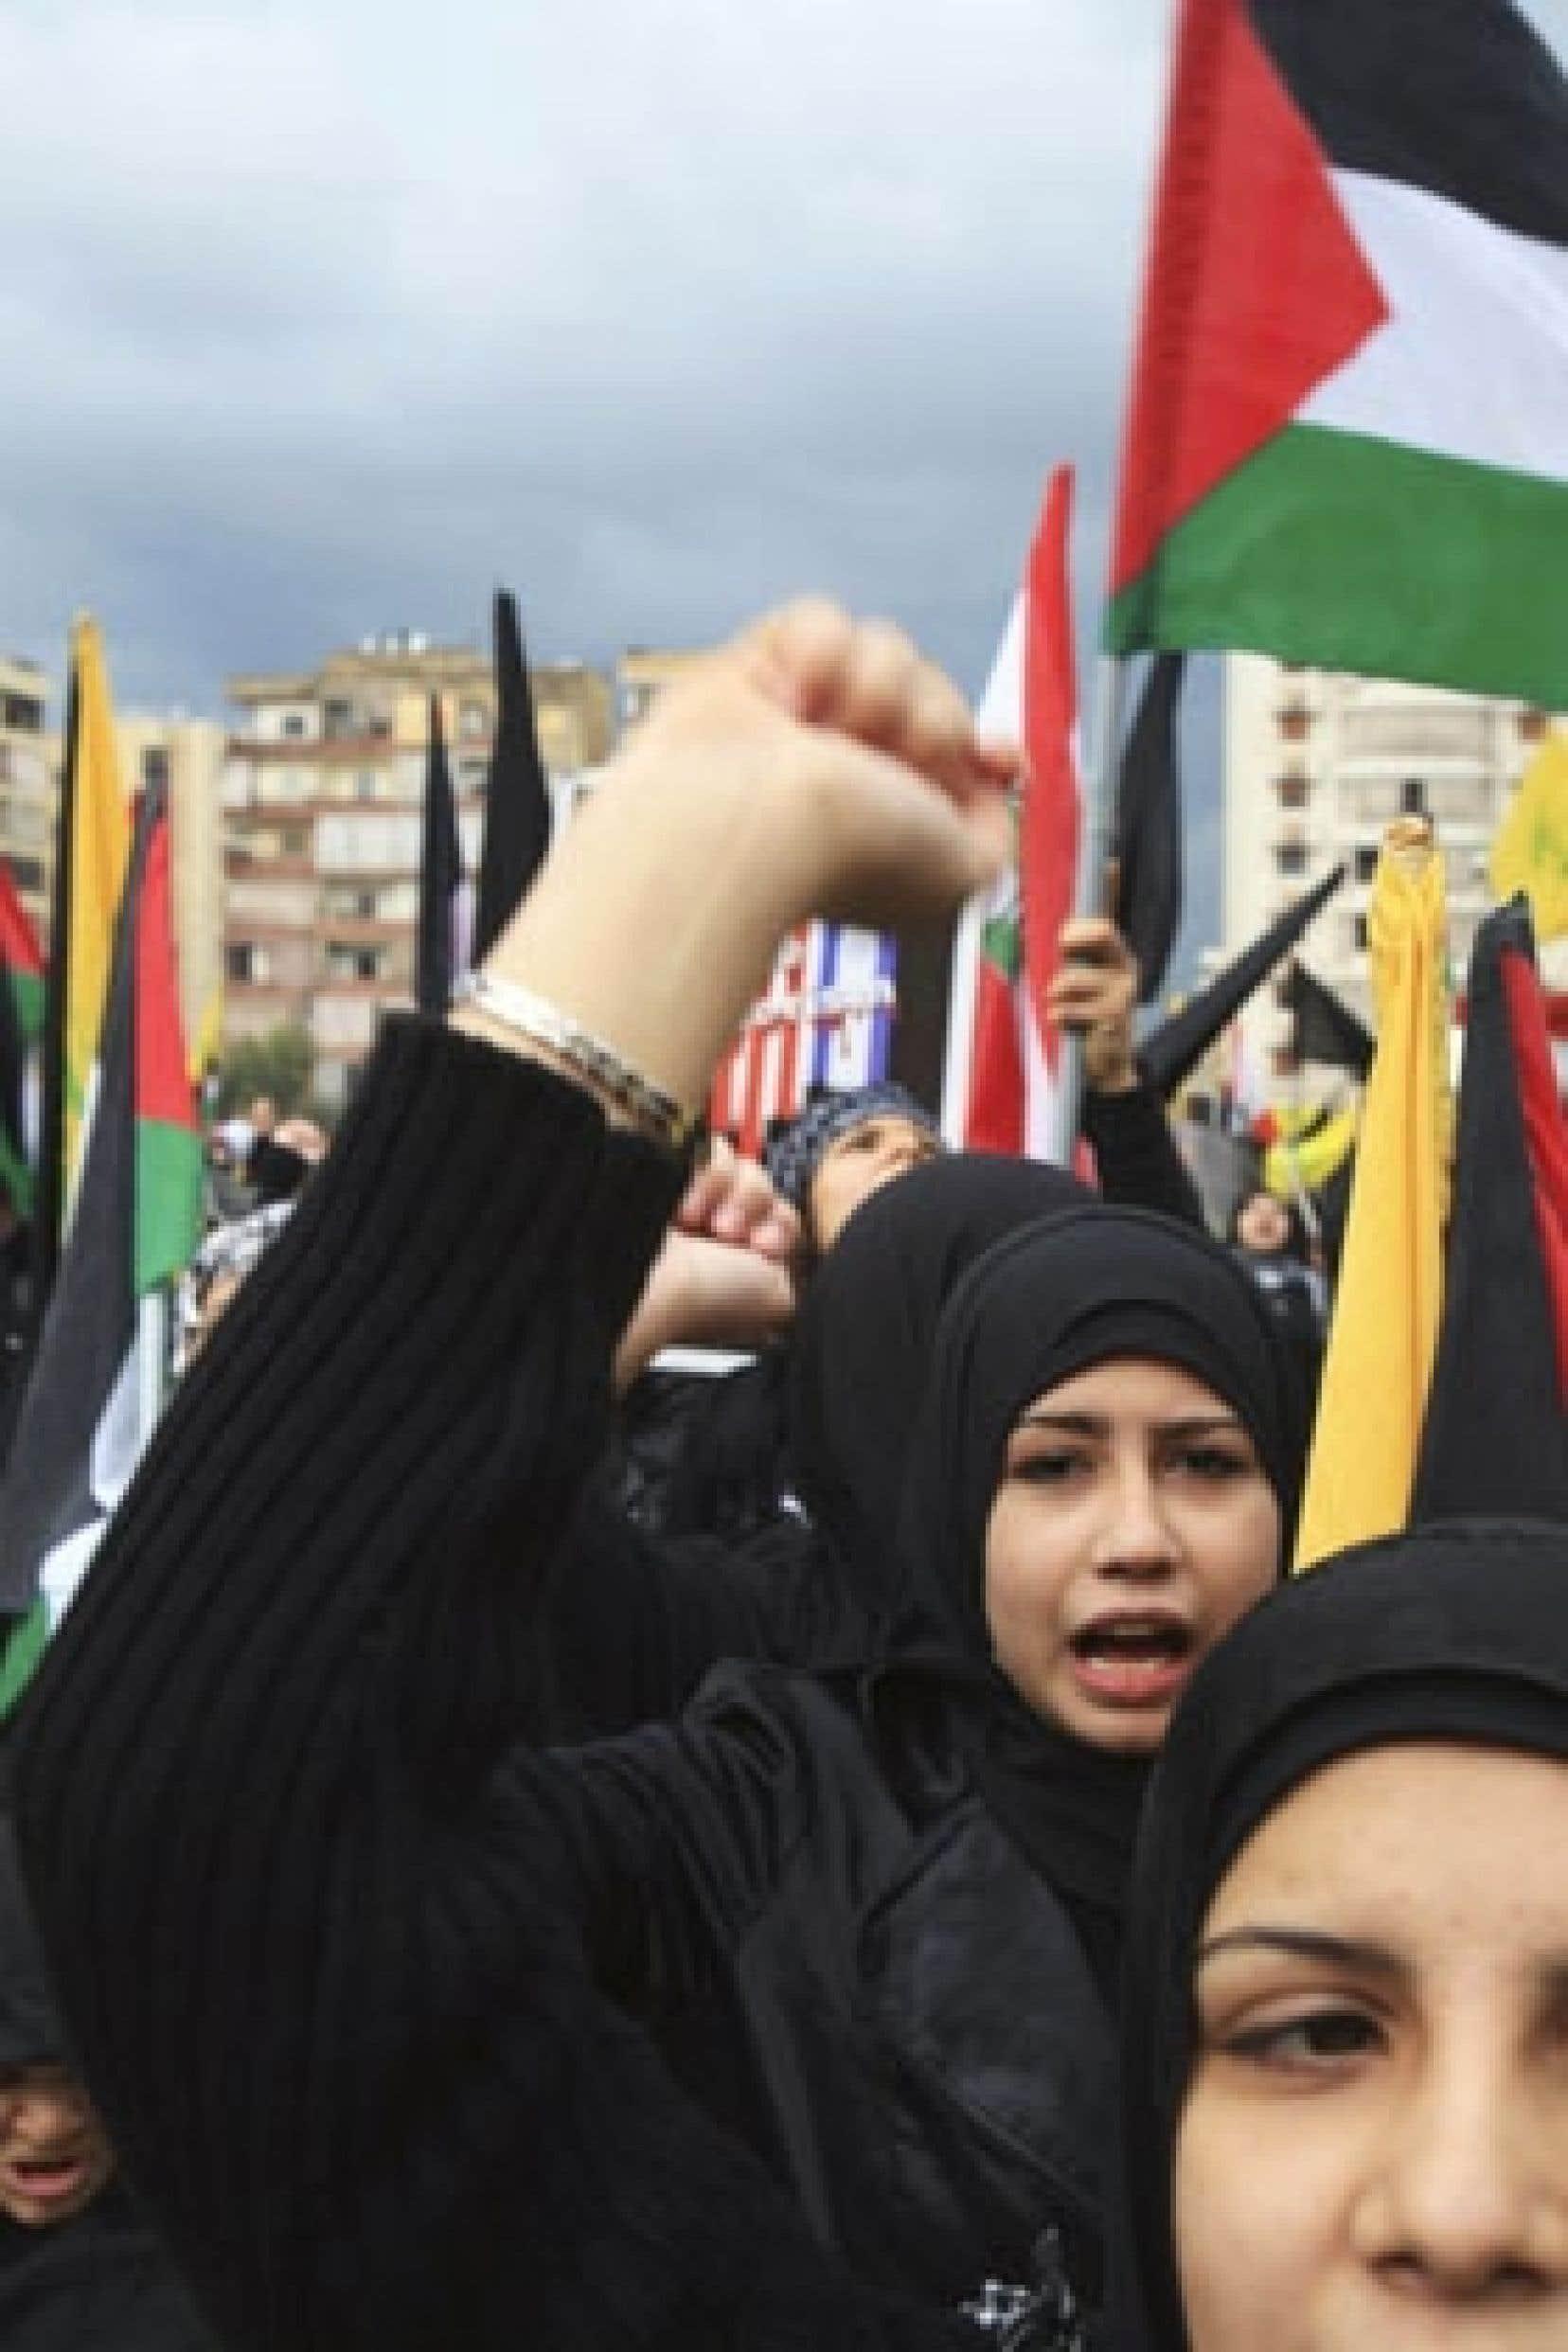 Rassemblement de militantes du mouvement chiite libanais à Beyrouth, lundi